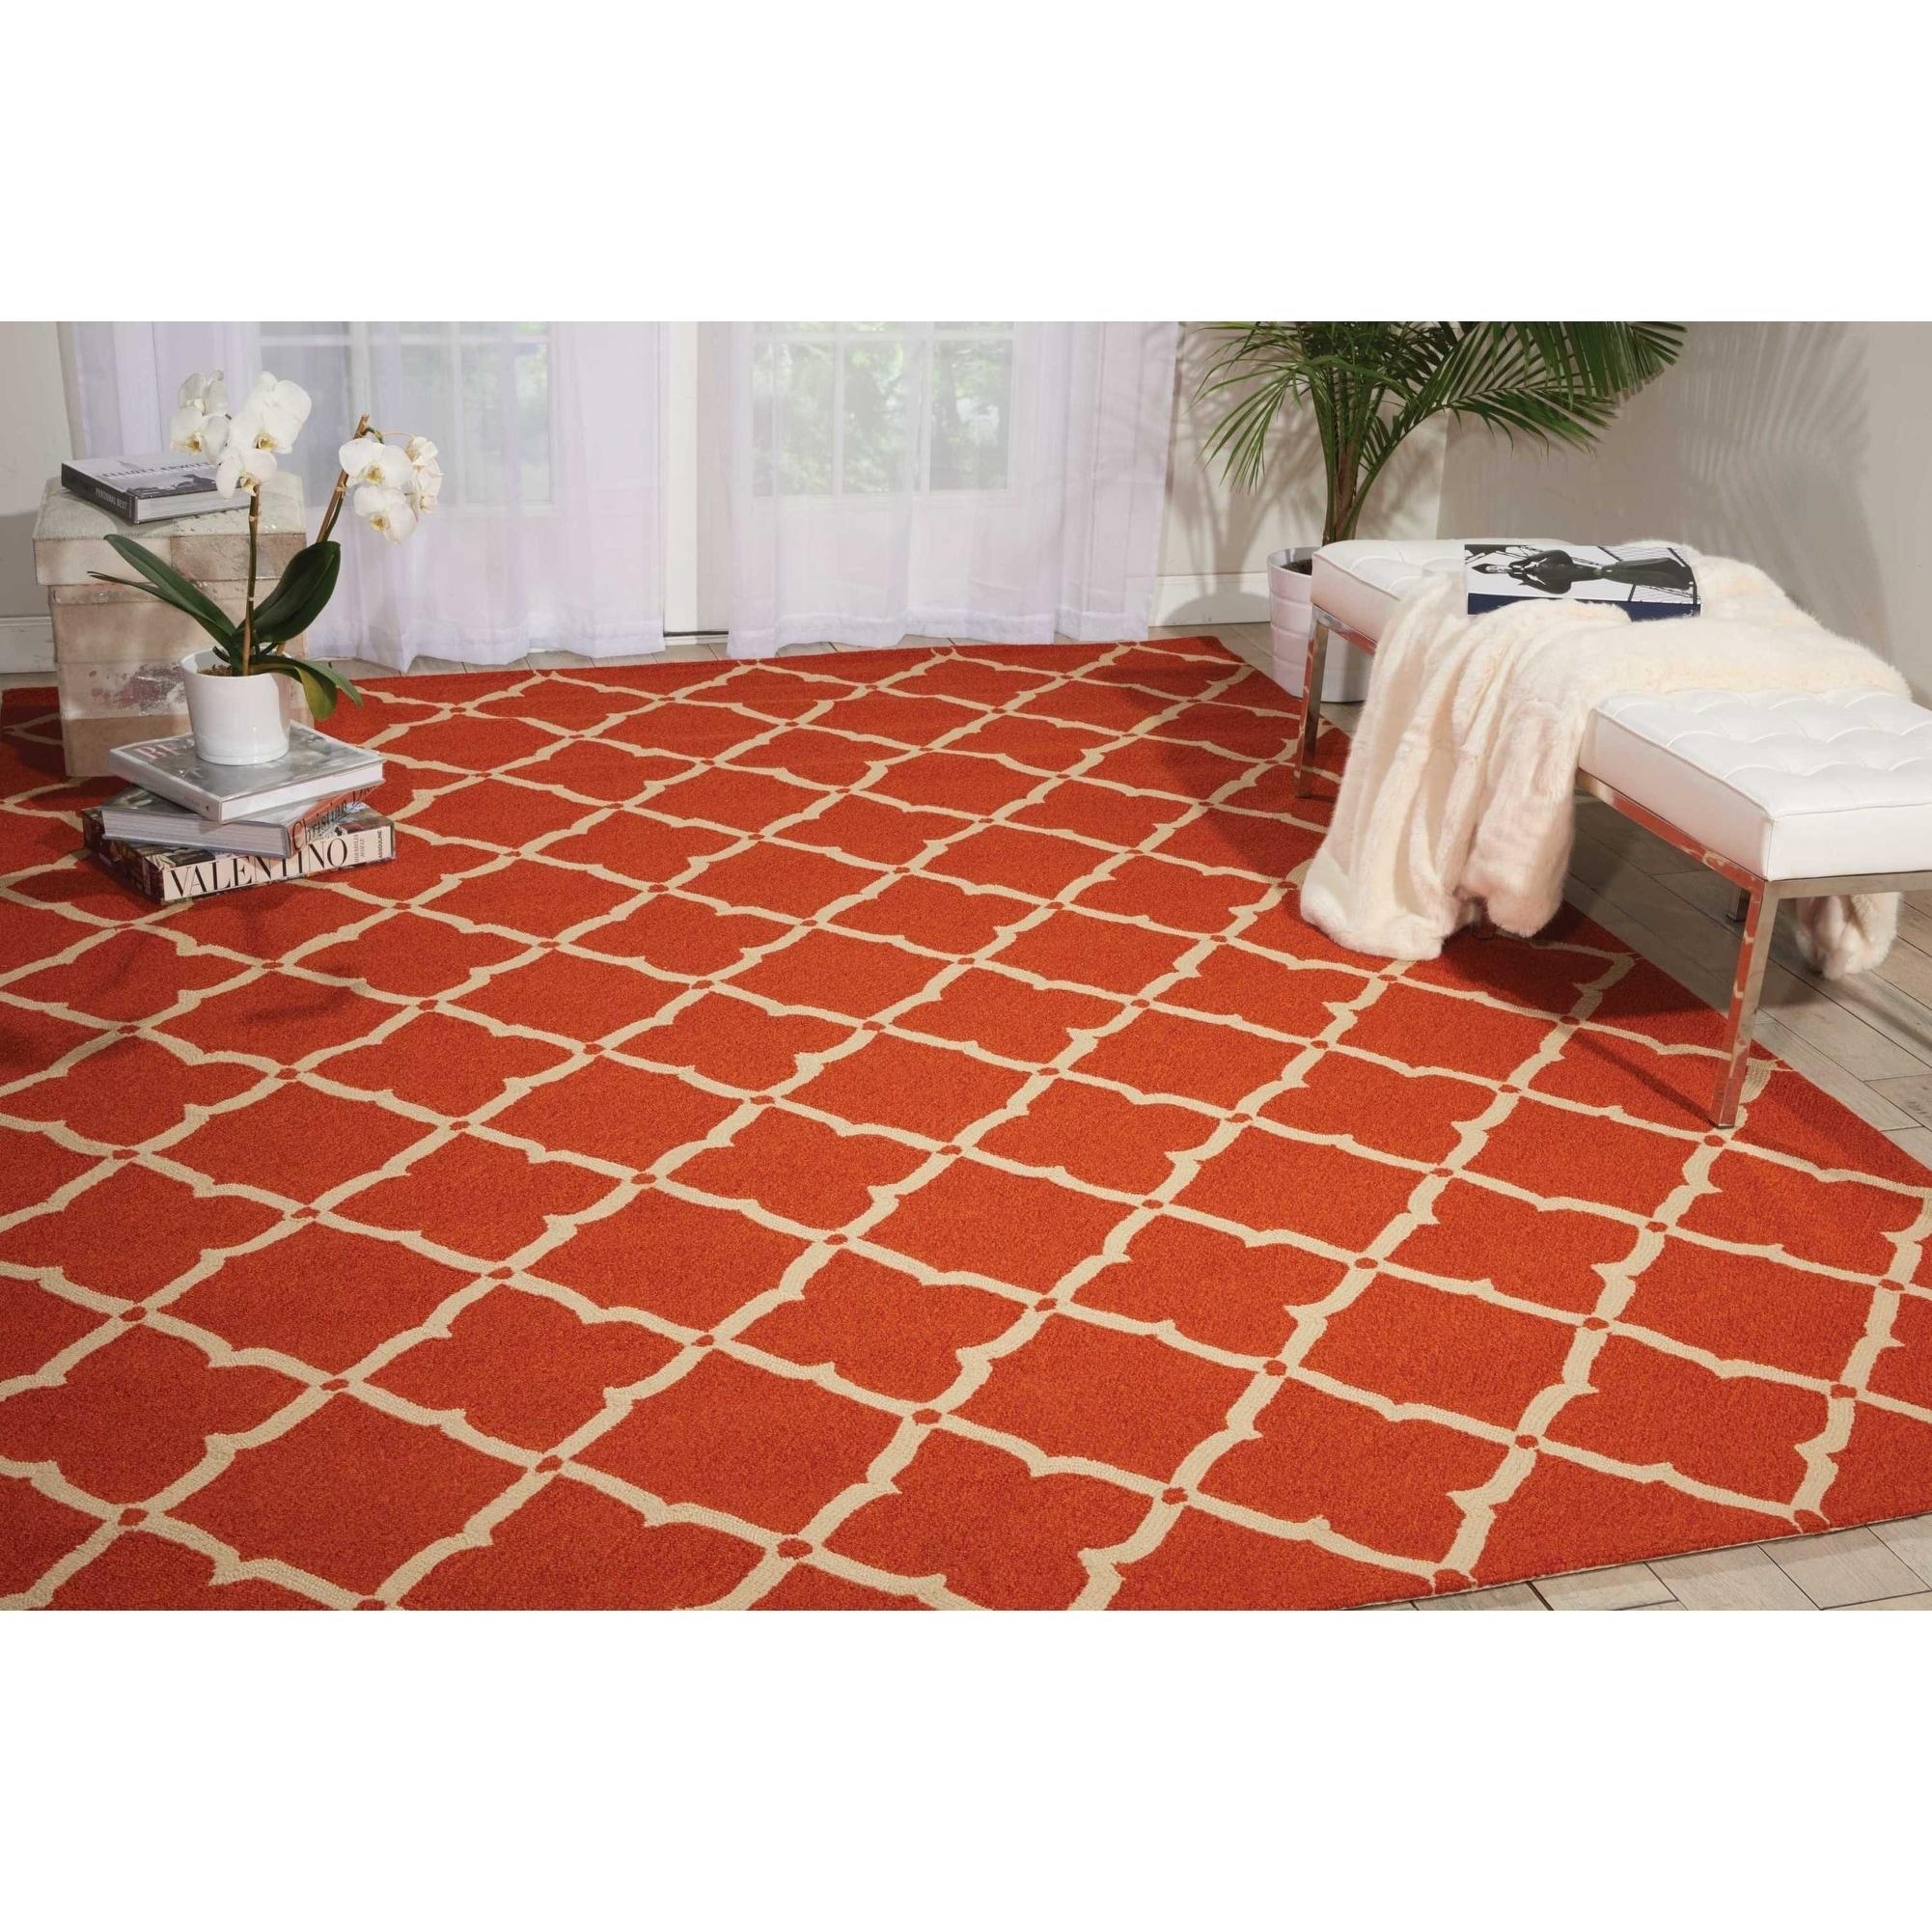 Nourison Portico Orange Rug (5 x 7'6) at Sears.com